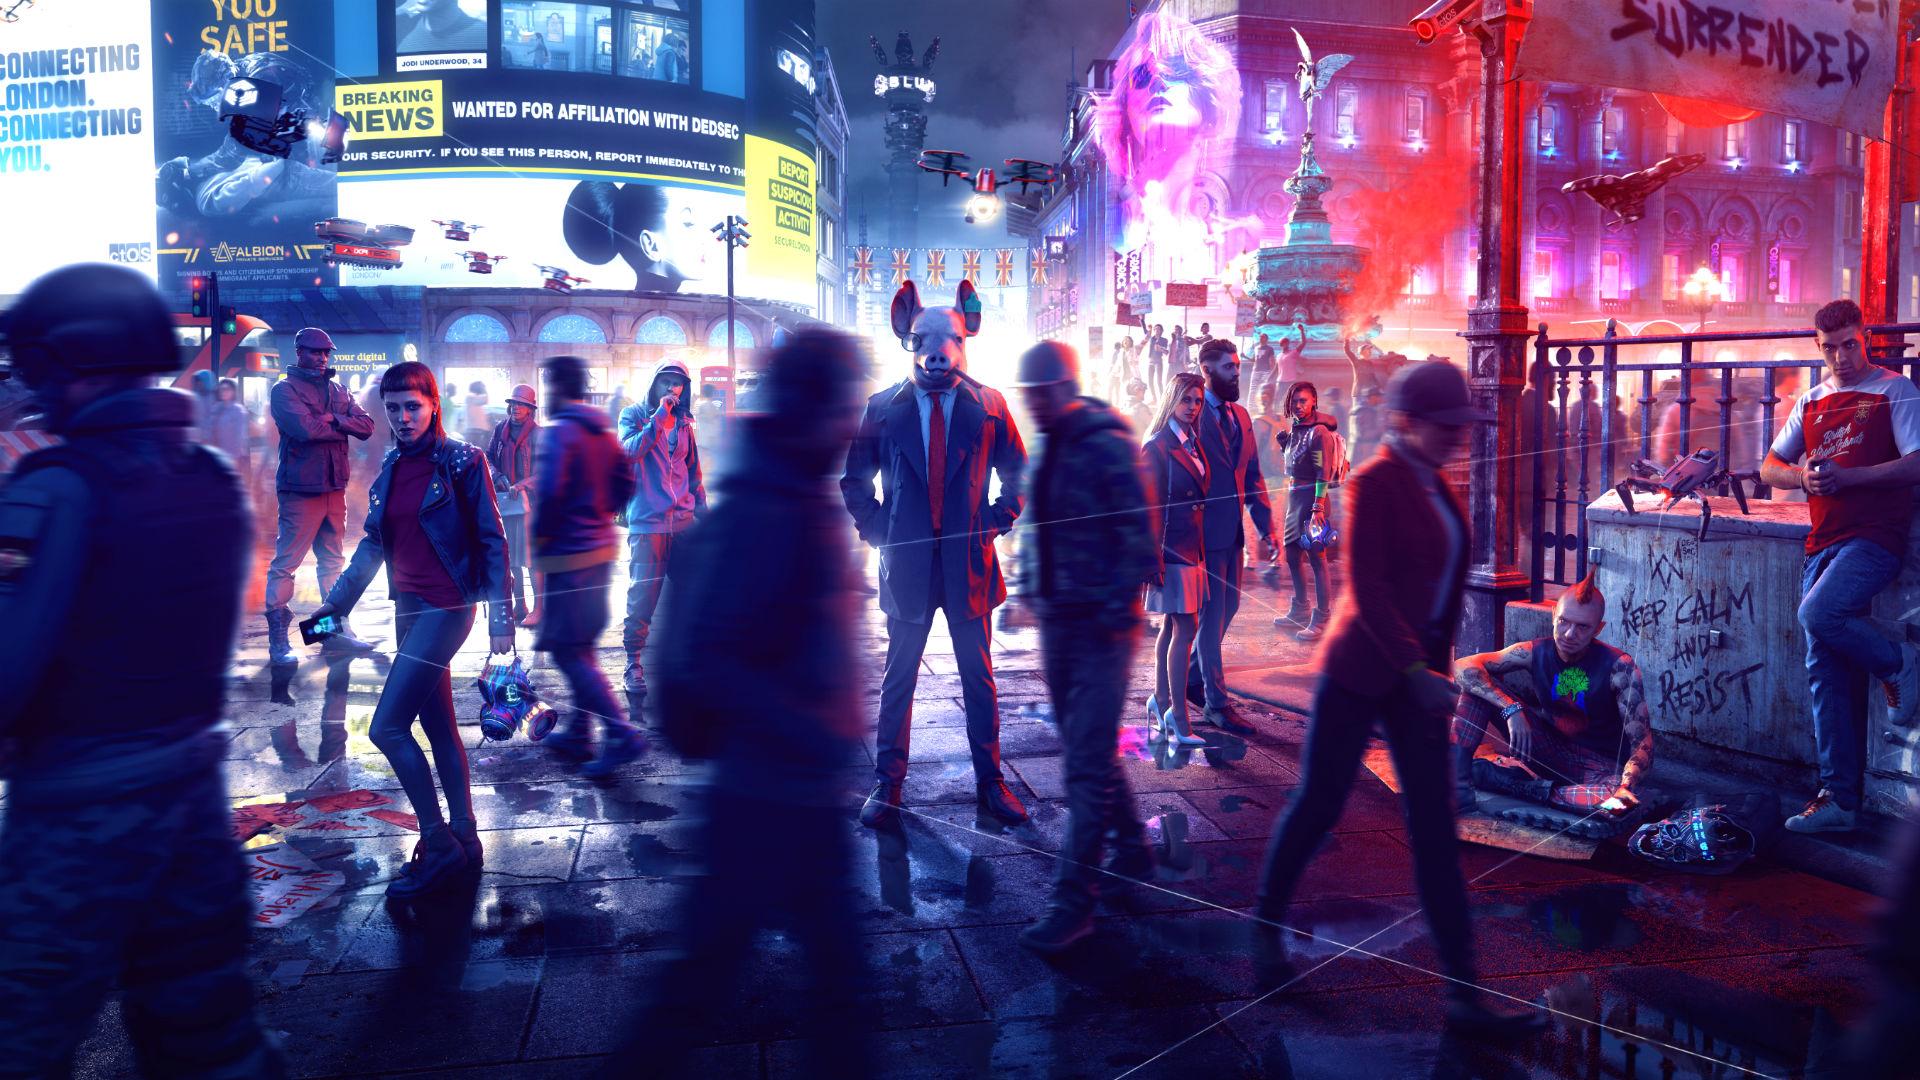 Watch Dogs: Legion รีวิวจากสำนักสื่อจะออกมาในวันที่ 28 ตุลาคมนี้